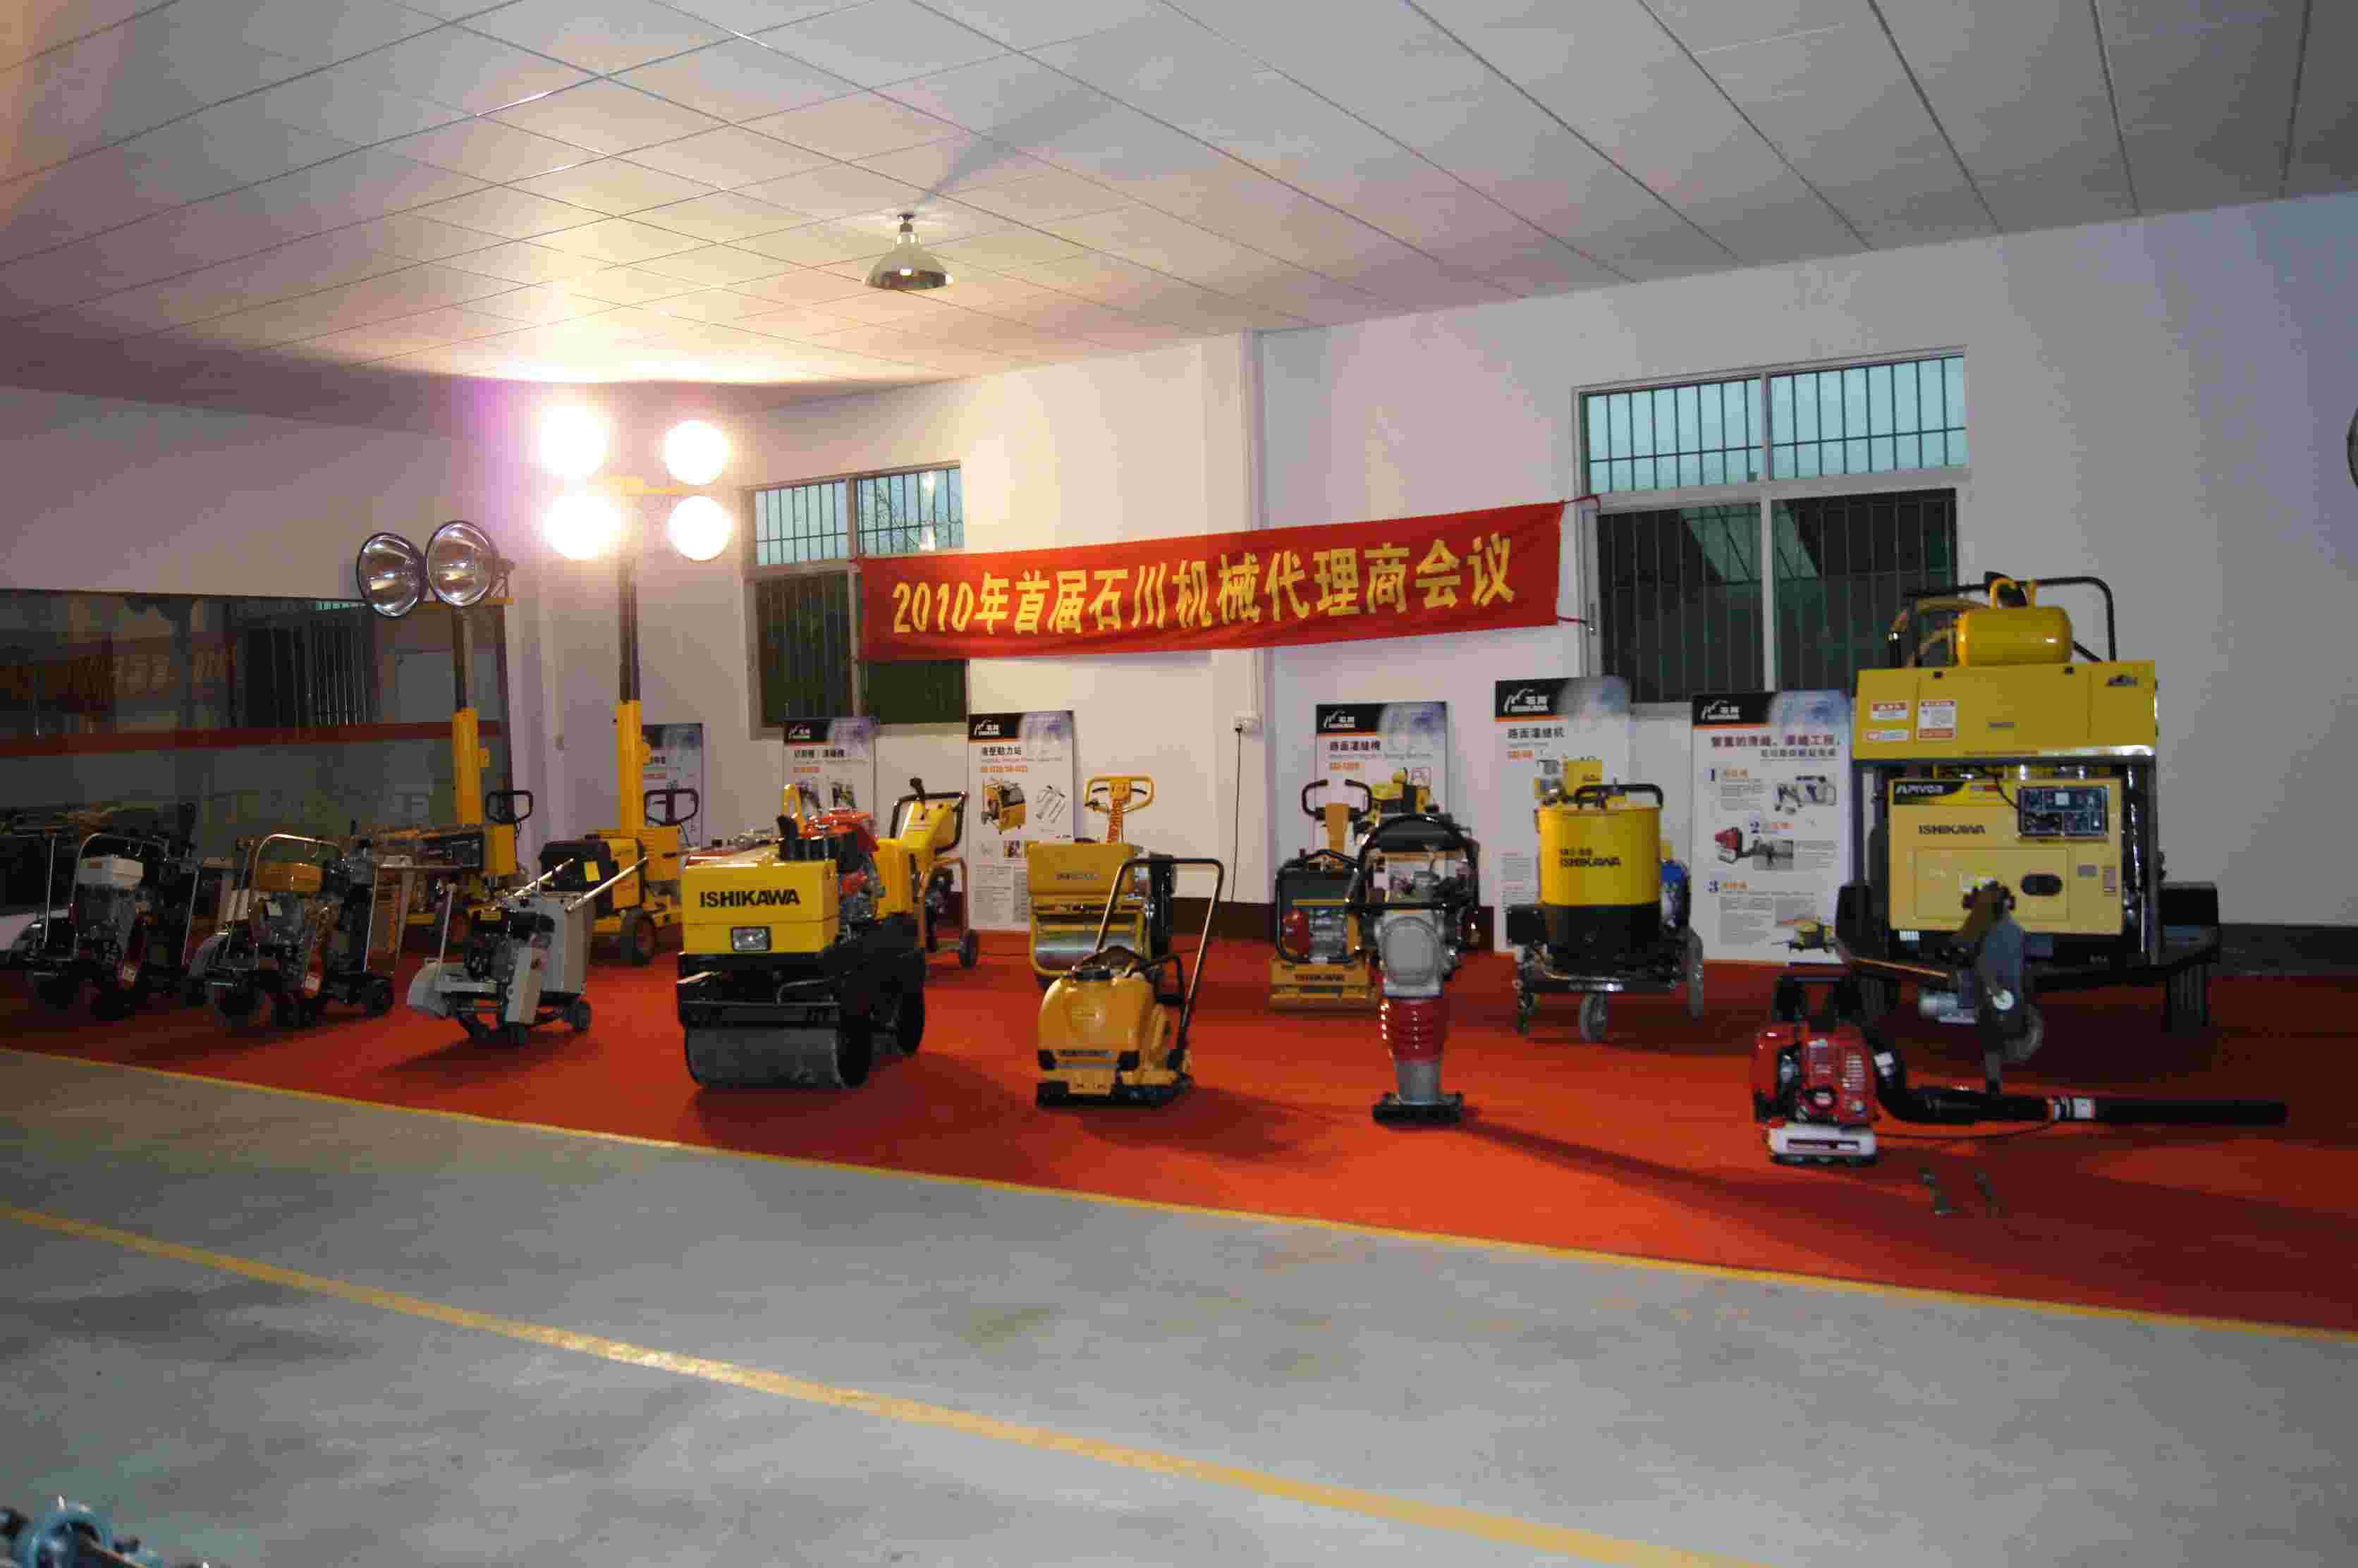 Ishikawa Machinery Co., Ltd.